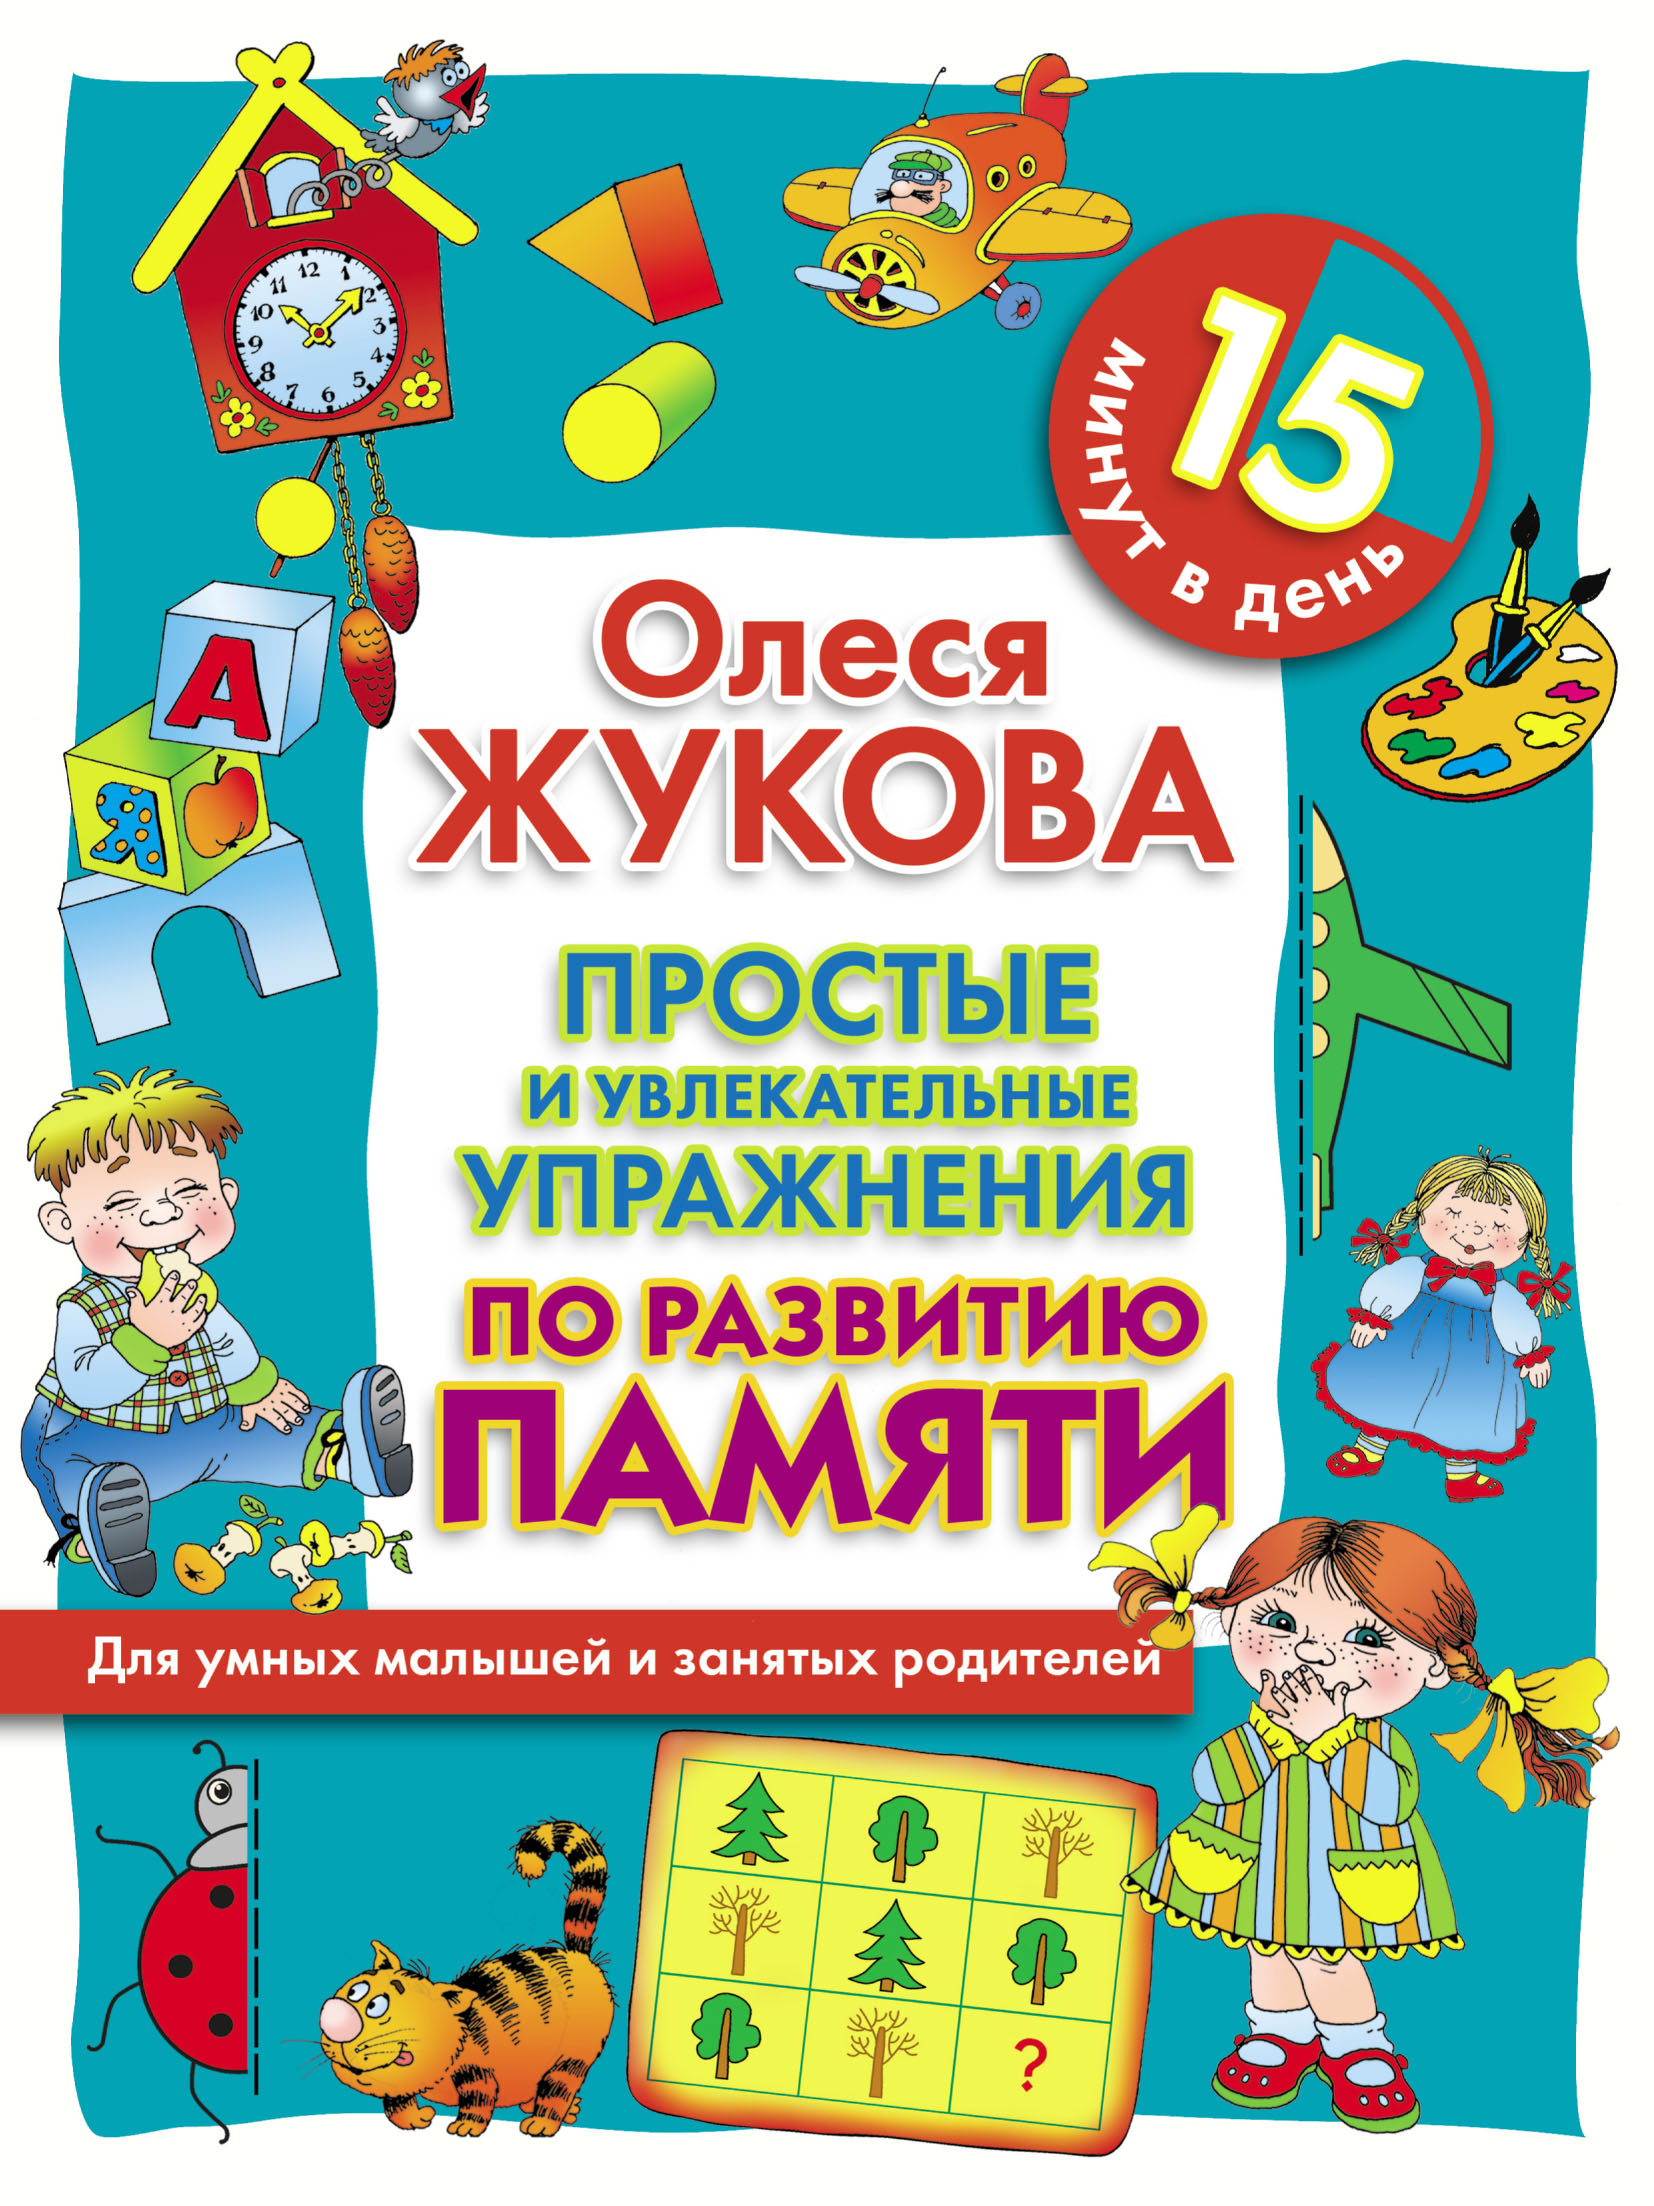 Олеся Жукова Простые и увлекательные упражнения по развитию памяти. 15 минут в день